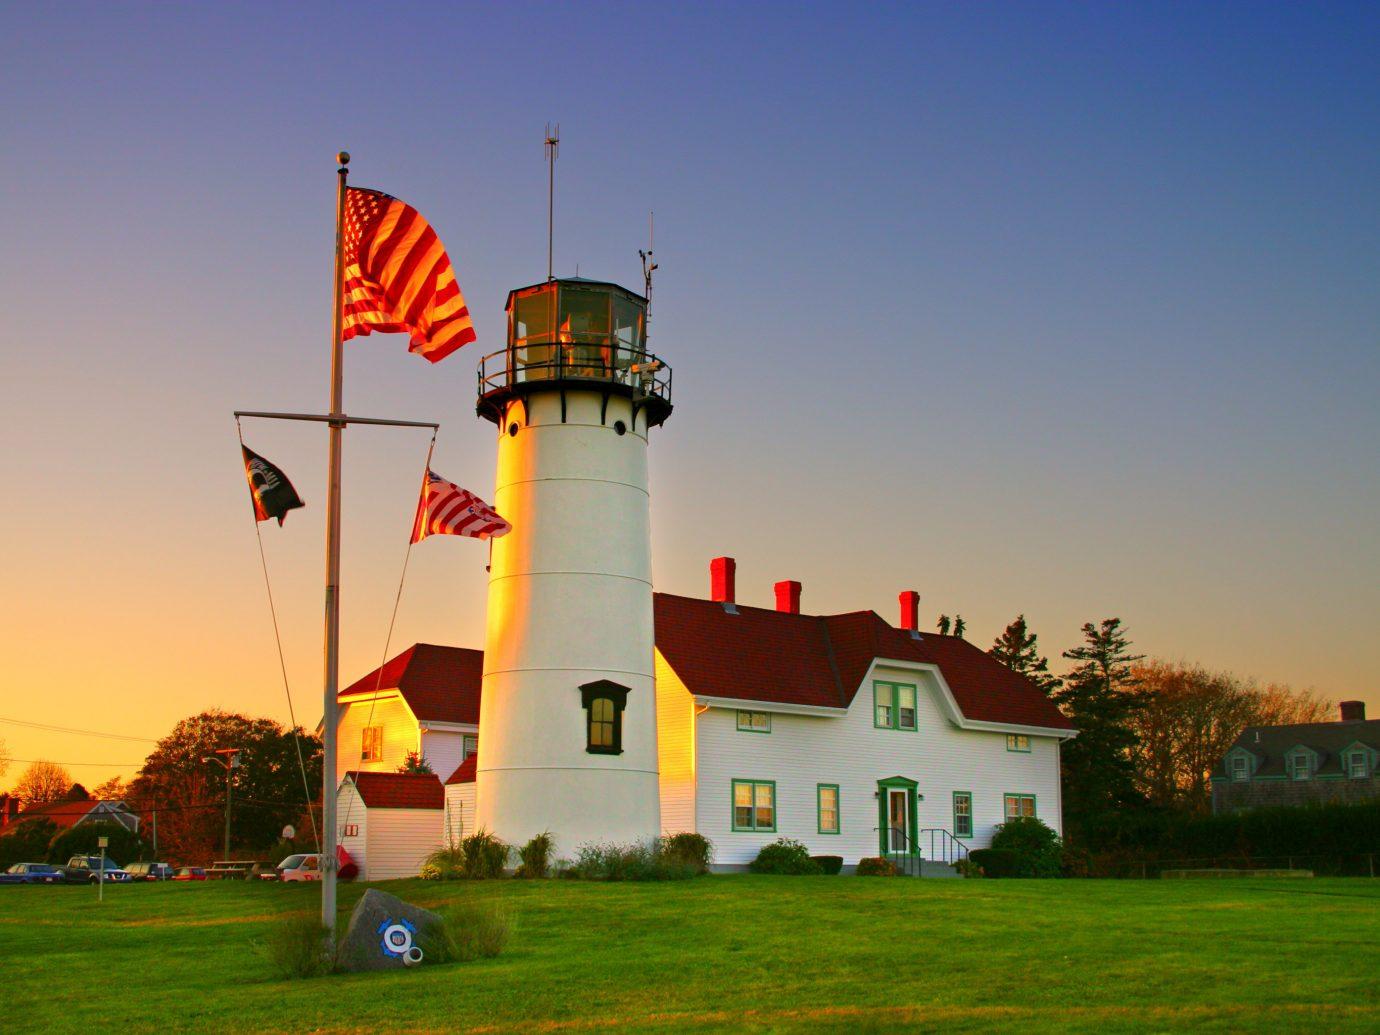 Secret Getaways Trip Ideas sky grass outdoor tower building landmark lighthouse evening dusk Sunset lush